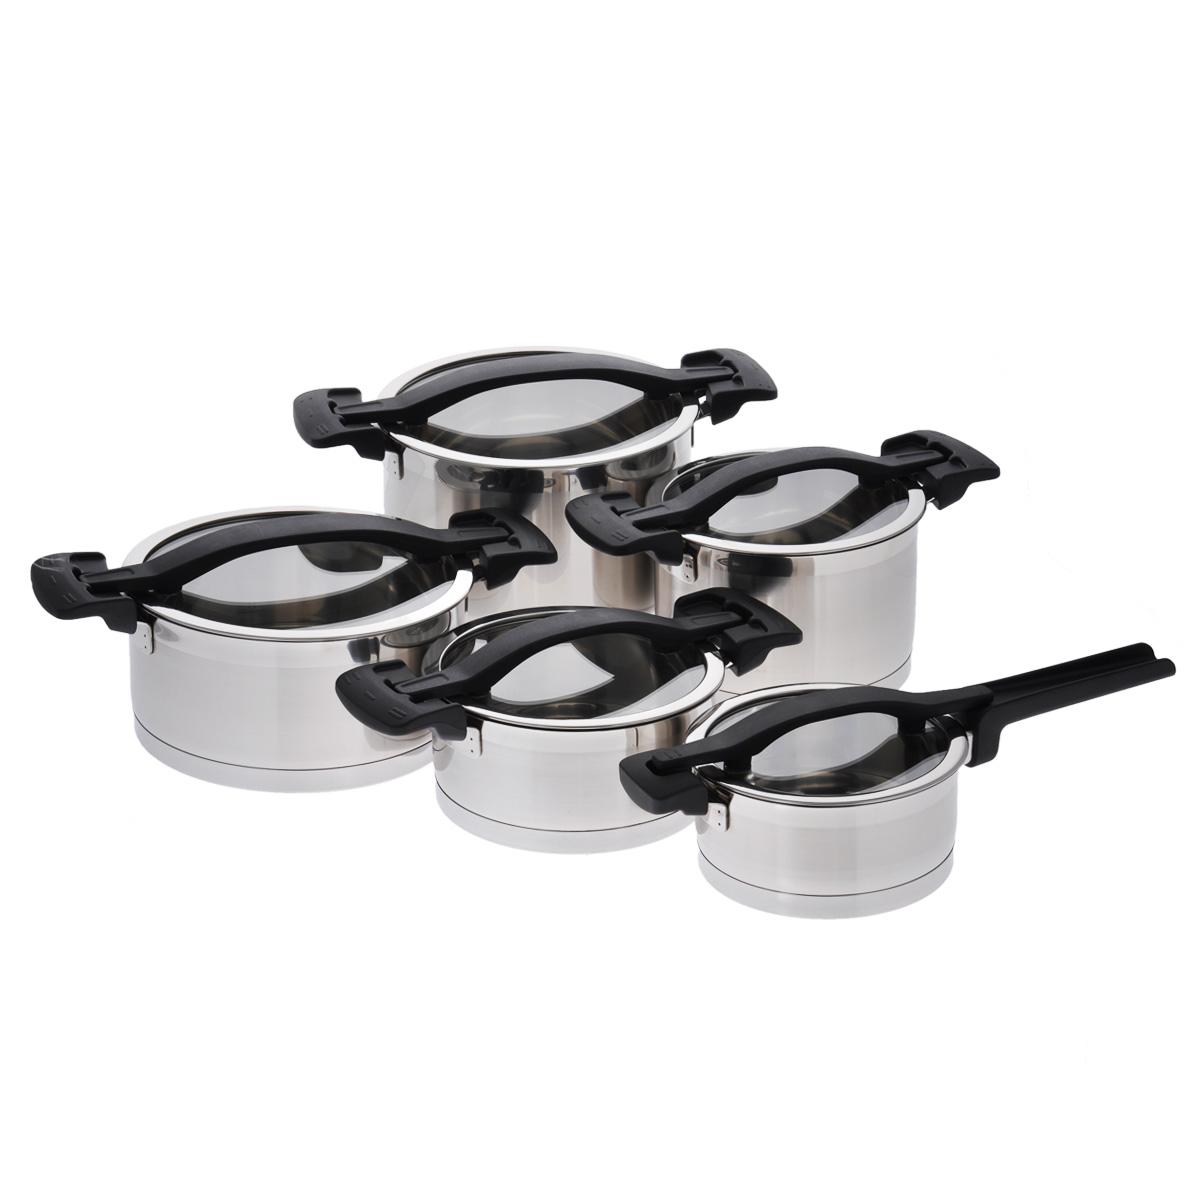 """Набор посуды Tescoma """"Ultima"""", изготовленный из высококачественной   нержавеющей   стали 18/10, состоит из четырех кастрюль и ковша. Все предметы набора   оснащены   стеклянными крышками. Крышки снабжены ободами из нержавеющей стали и   удобными нейлоновыми ручками. Уникальные крышки оснащены тремя рабочими   функциями:   без отверстия для пара - быстрое кипячение и разогрев еды, экономия энергии;  небольшое отверстие для пара - для комфортного приготовления пищи;   большое отверстие для пара - для приготовления жидких блюд, картофеля,    макарон, супов. Посуда снабжена толстым многослойным дном, что   значительно снижает вероятность пригорания пищи. Внешняя поверхность   изделий оформлена сочетанием зеркальной и матовой полировки. Изделия   оснащены удобными   ручками из прочного и легкого нейлона.     Набор посуды Tescoma """"Ultima"""" - это идеальный подарок для современных   хозяек,   которые следят за своим здоровьем и здоровьем своей семьи. Эргономичный   дизайн и функциональность позволят вам наслаждаться процессом   приготовления любимых и полезных для здоровья блюд.   Можно мыть в посудомоечной машине. Набор пригоден для всех типов плит,   включая   индукционные.   Диаметр кастрюль: 18 см, 18 см, 22 см, 22 см. Объем кастрюль: 2 л, 3 л, 4 л, 5,5 л. Высота кастрюль: 12,5 см, 11 см, 15 см, 9 см. Ширина кастрюль (с учетом крышек): 31 см, 35 см, 31 см, 35 см. Диаметр ковша: 16 см. Объем ковша: 1,5 л. Высота ковша: 8 см. Длина ручки ковша: 15 см. Толщина стенок посуды: 2 мм. Толщина дна посуды: 3 мм."""